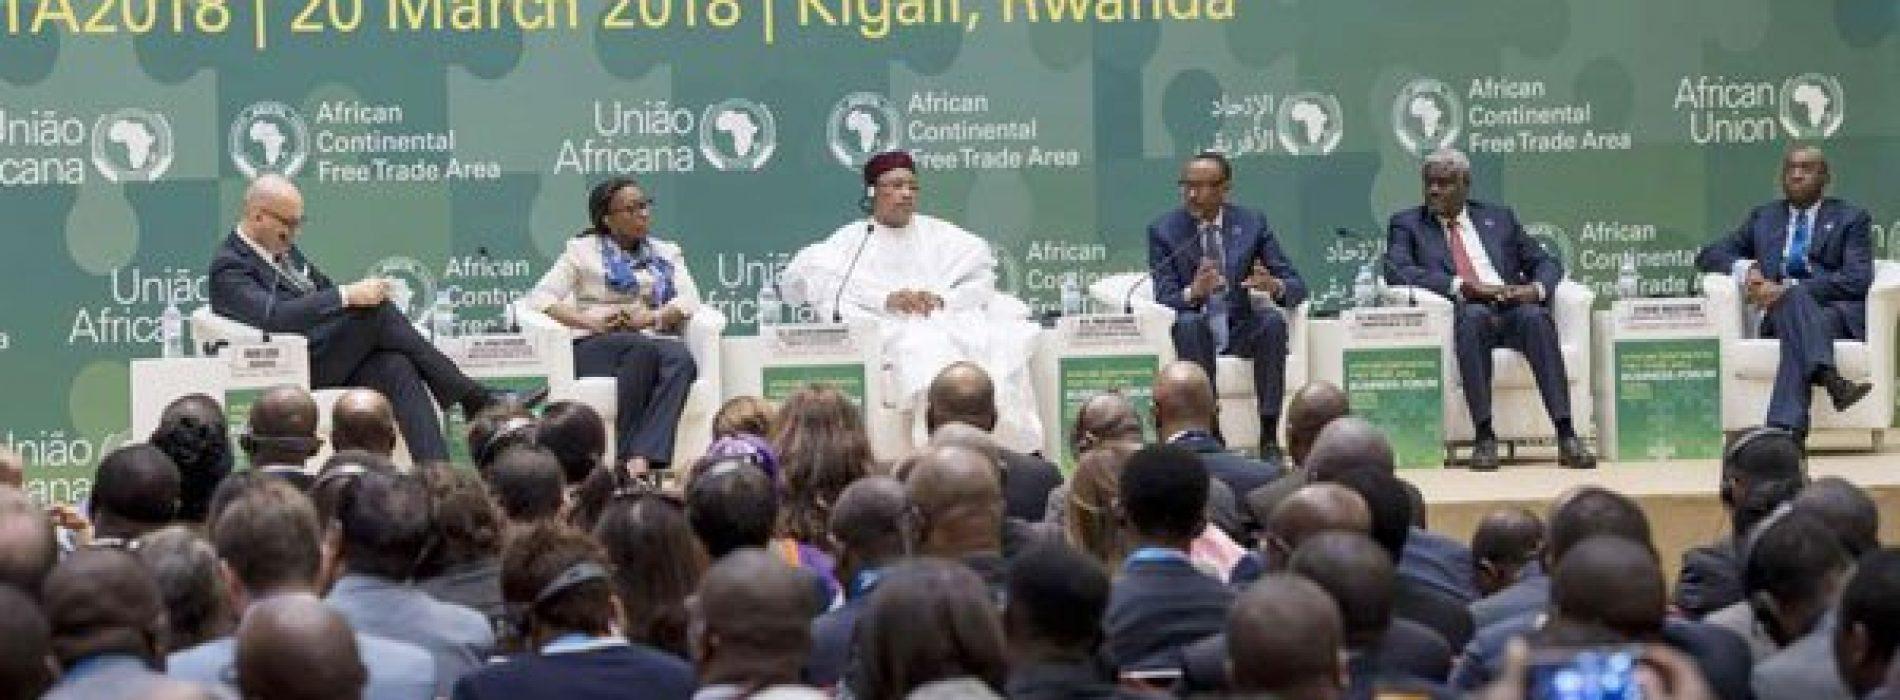 Accordo di Libero Scambio Africano, posticipato a Gennaio a causa del Covid 19